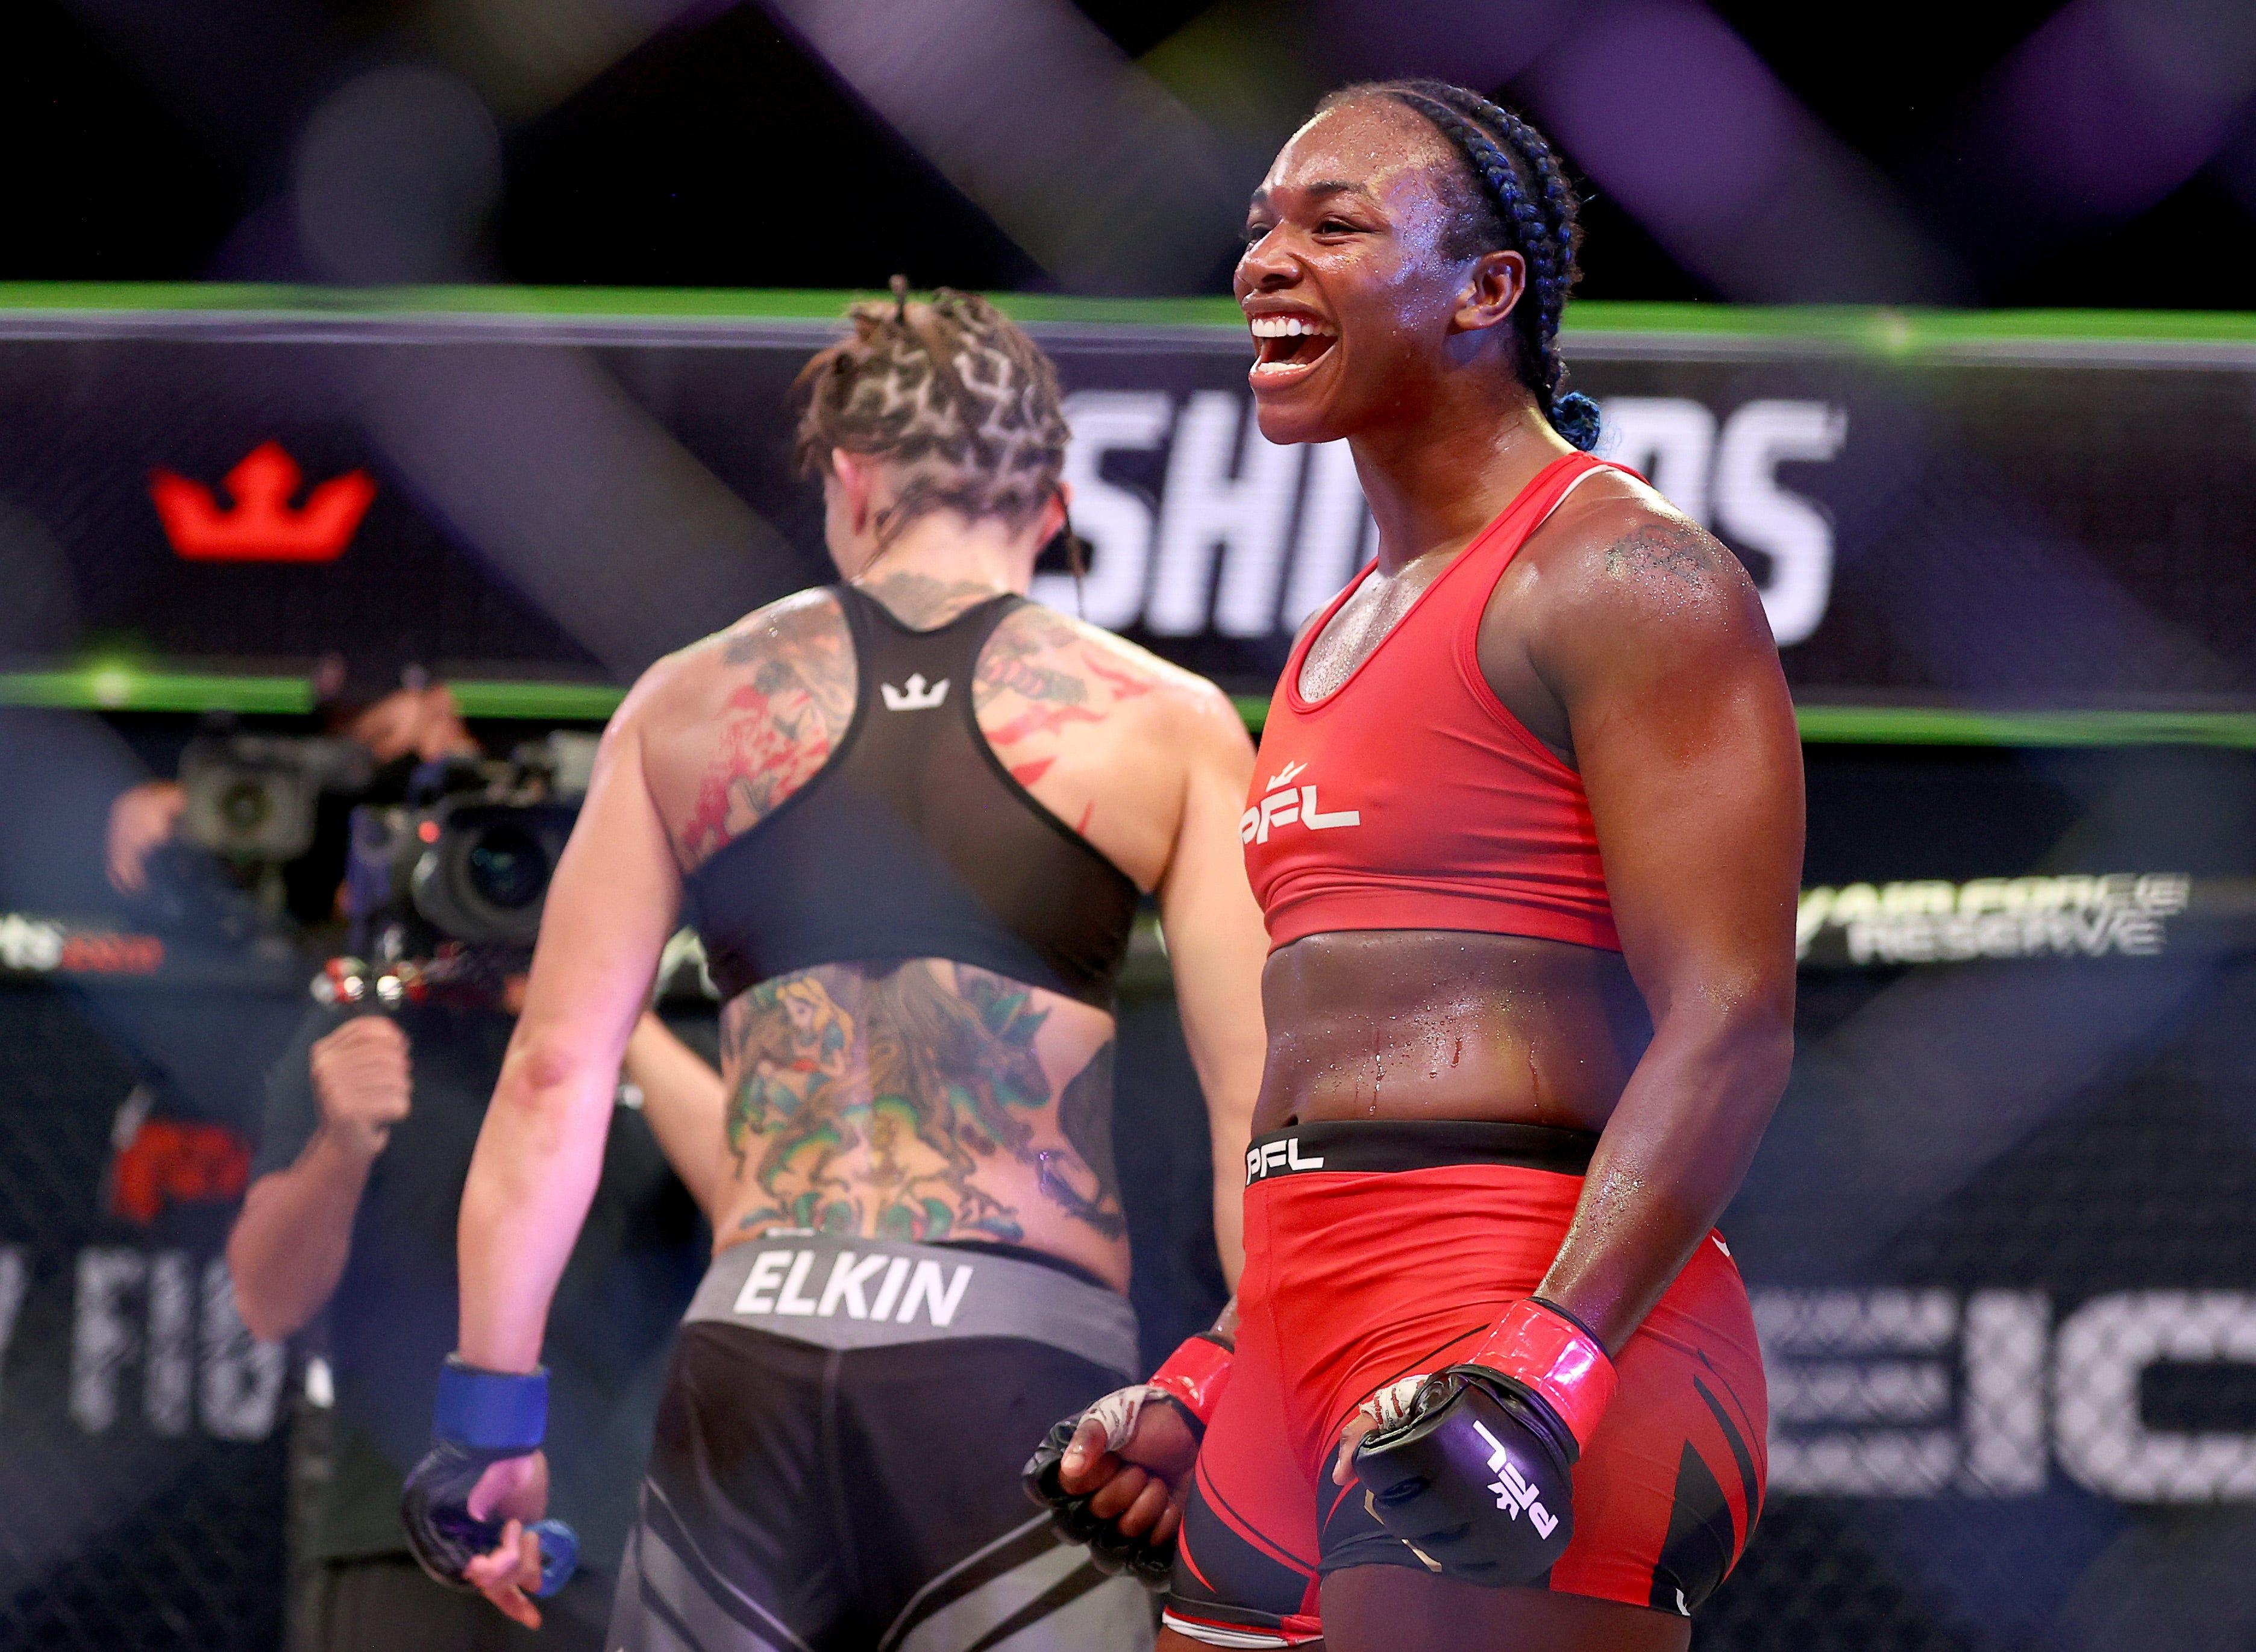 Claressa Shields stops Brittney Elkin to win MMA debut by TKO